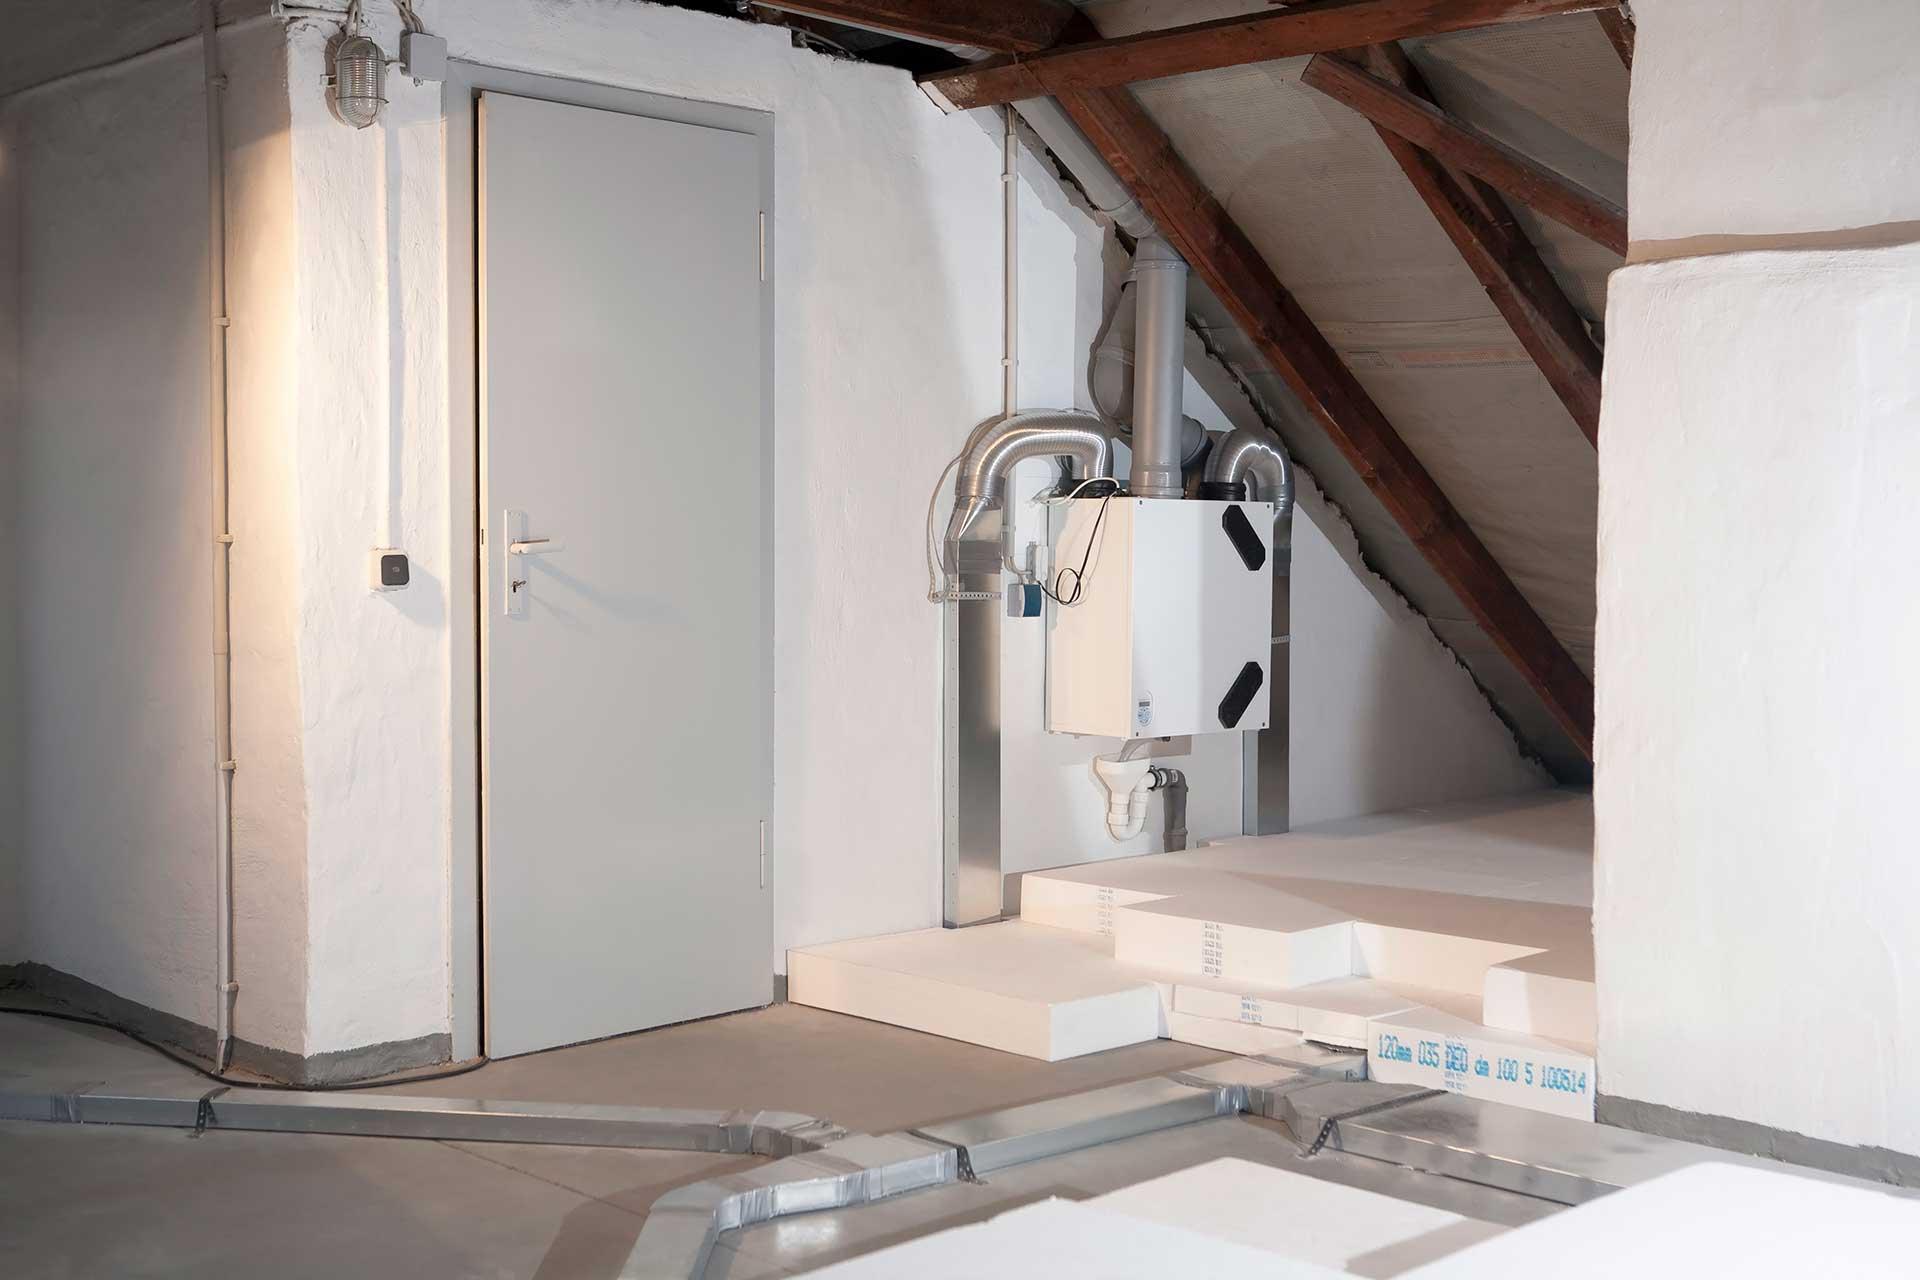 Vest Haustechnik - effiziente Heizung in Dorsten